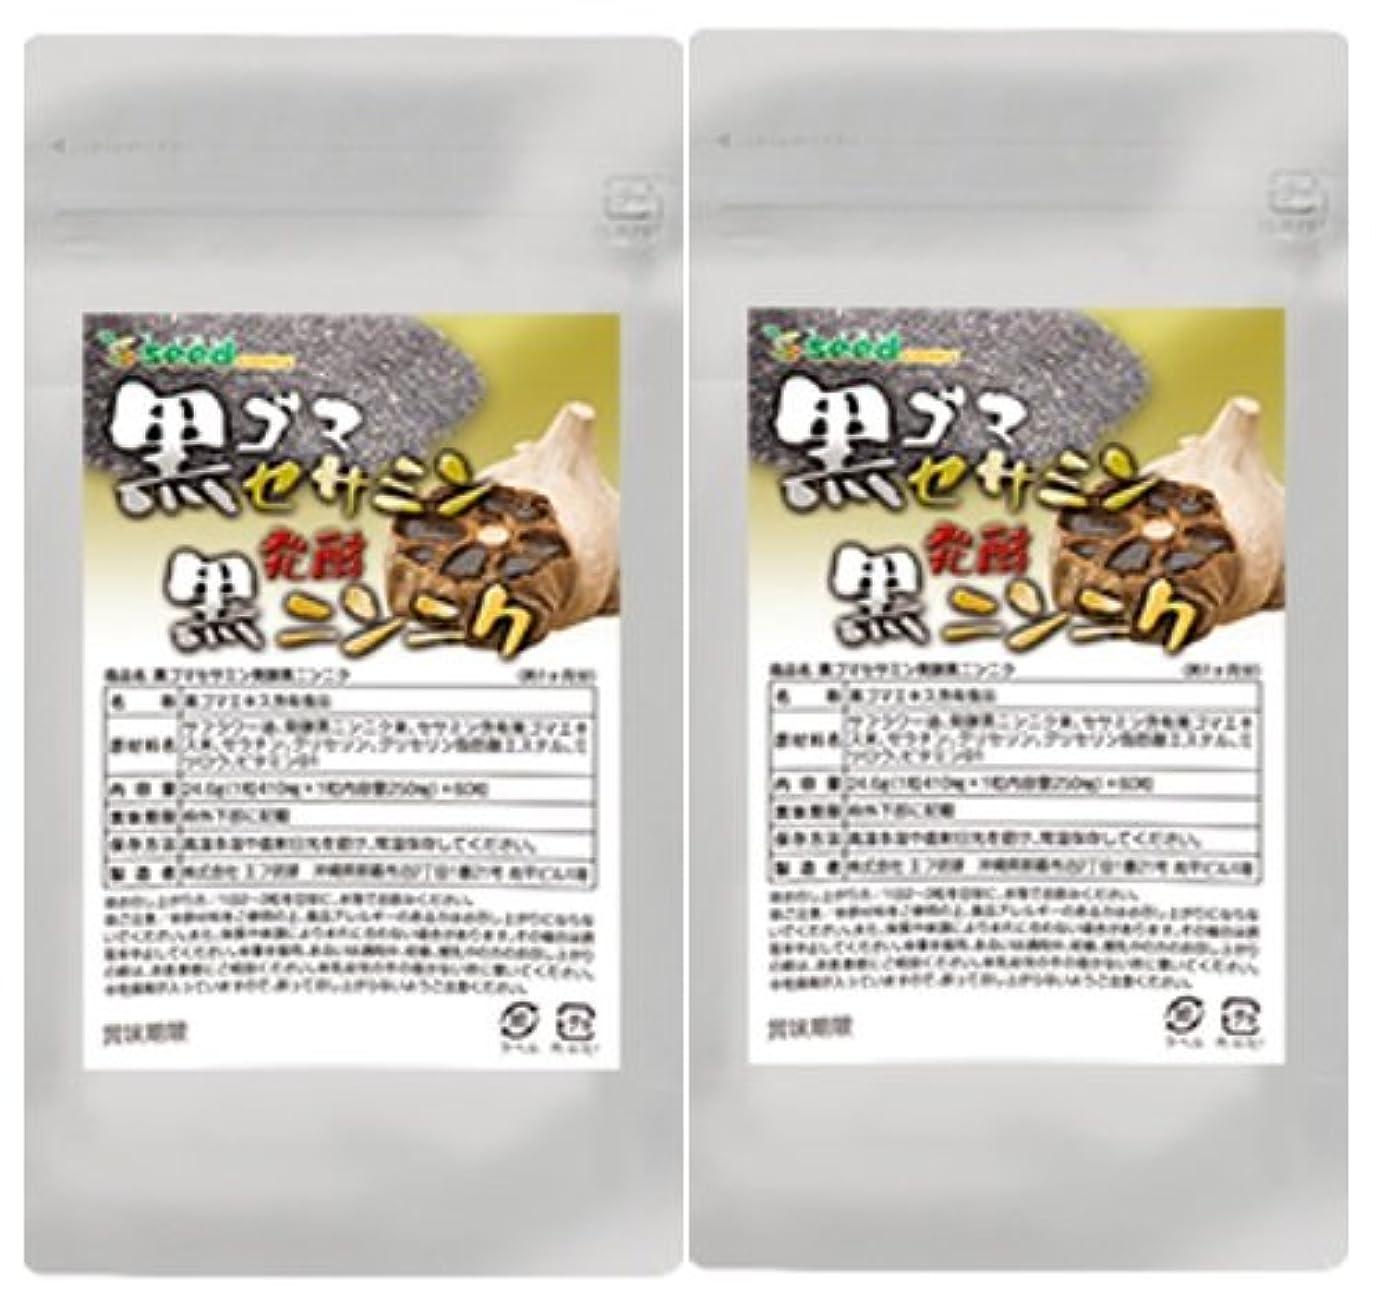 誕生日恒久的出版黒ゴマセサミン&発酵黒ニンニク (S-アリルシステイン、DATSを効率よく取り入れる) (約6ケ月分)